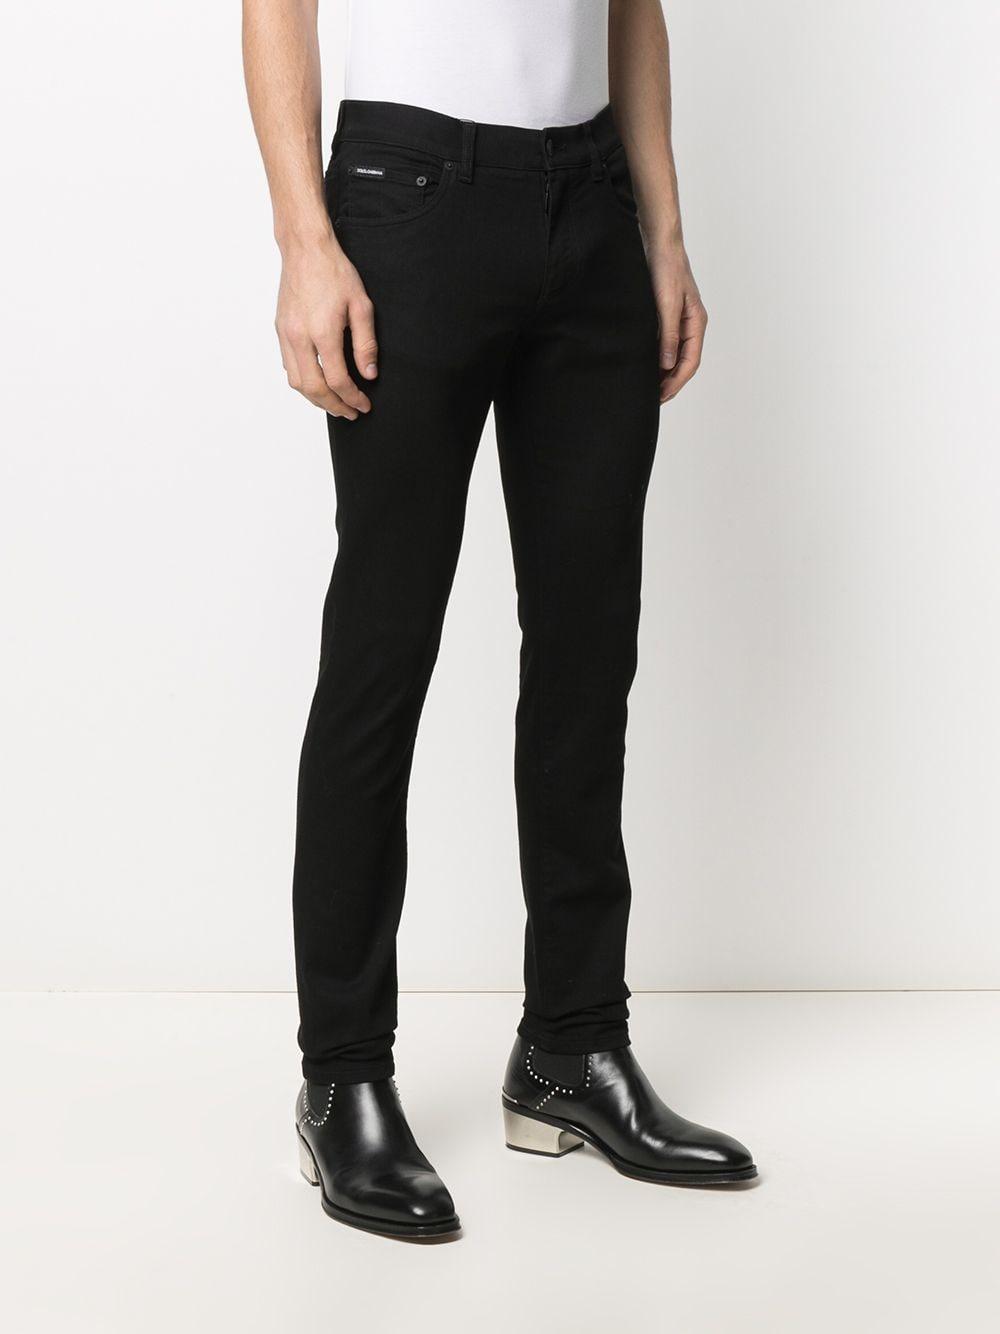 Jeans skinny in cotone elasticizzato nero con toppa in rilievo con logo Dolce & Gabbana DOLCE & GABBANA | Pantaloni | GY07LZ-G8DK3S9001